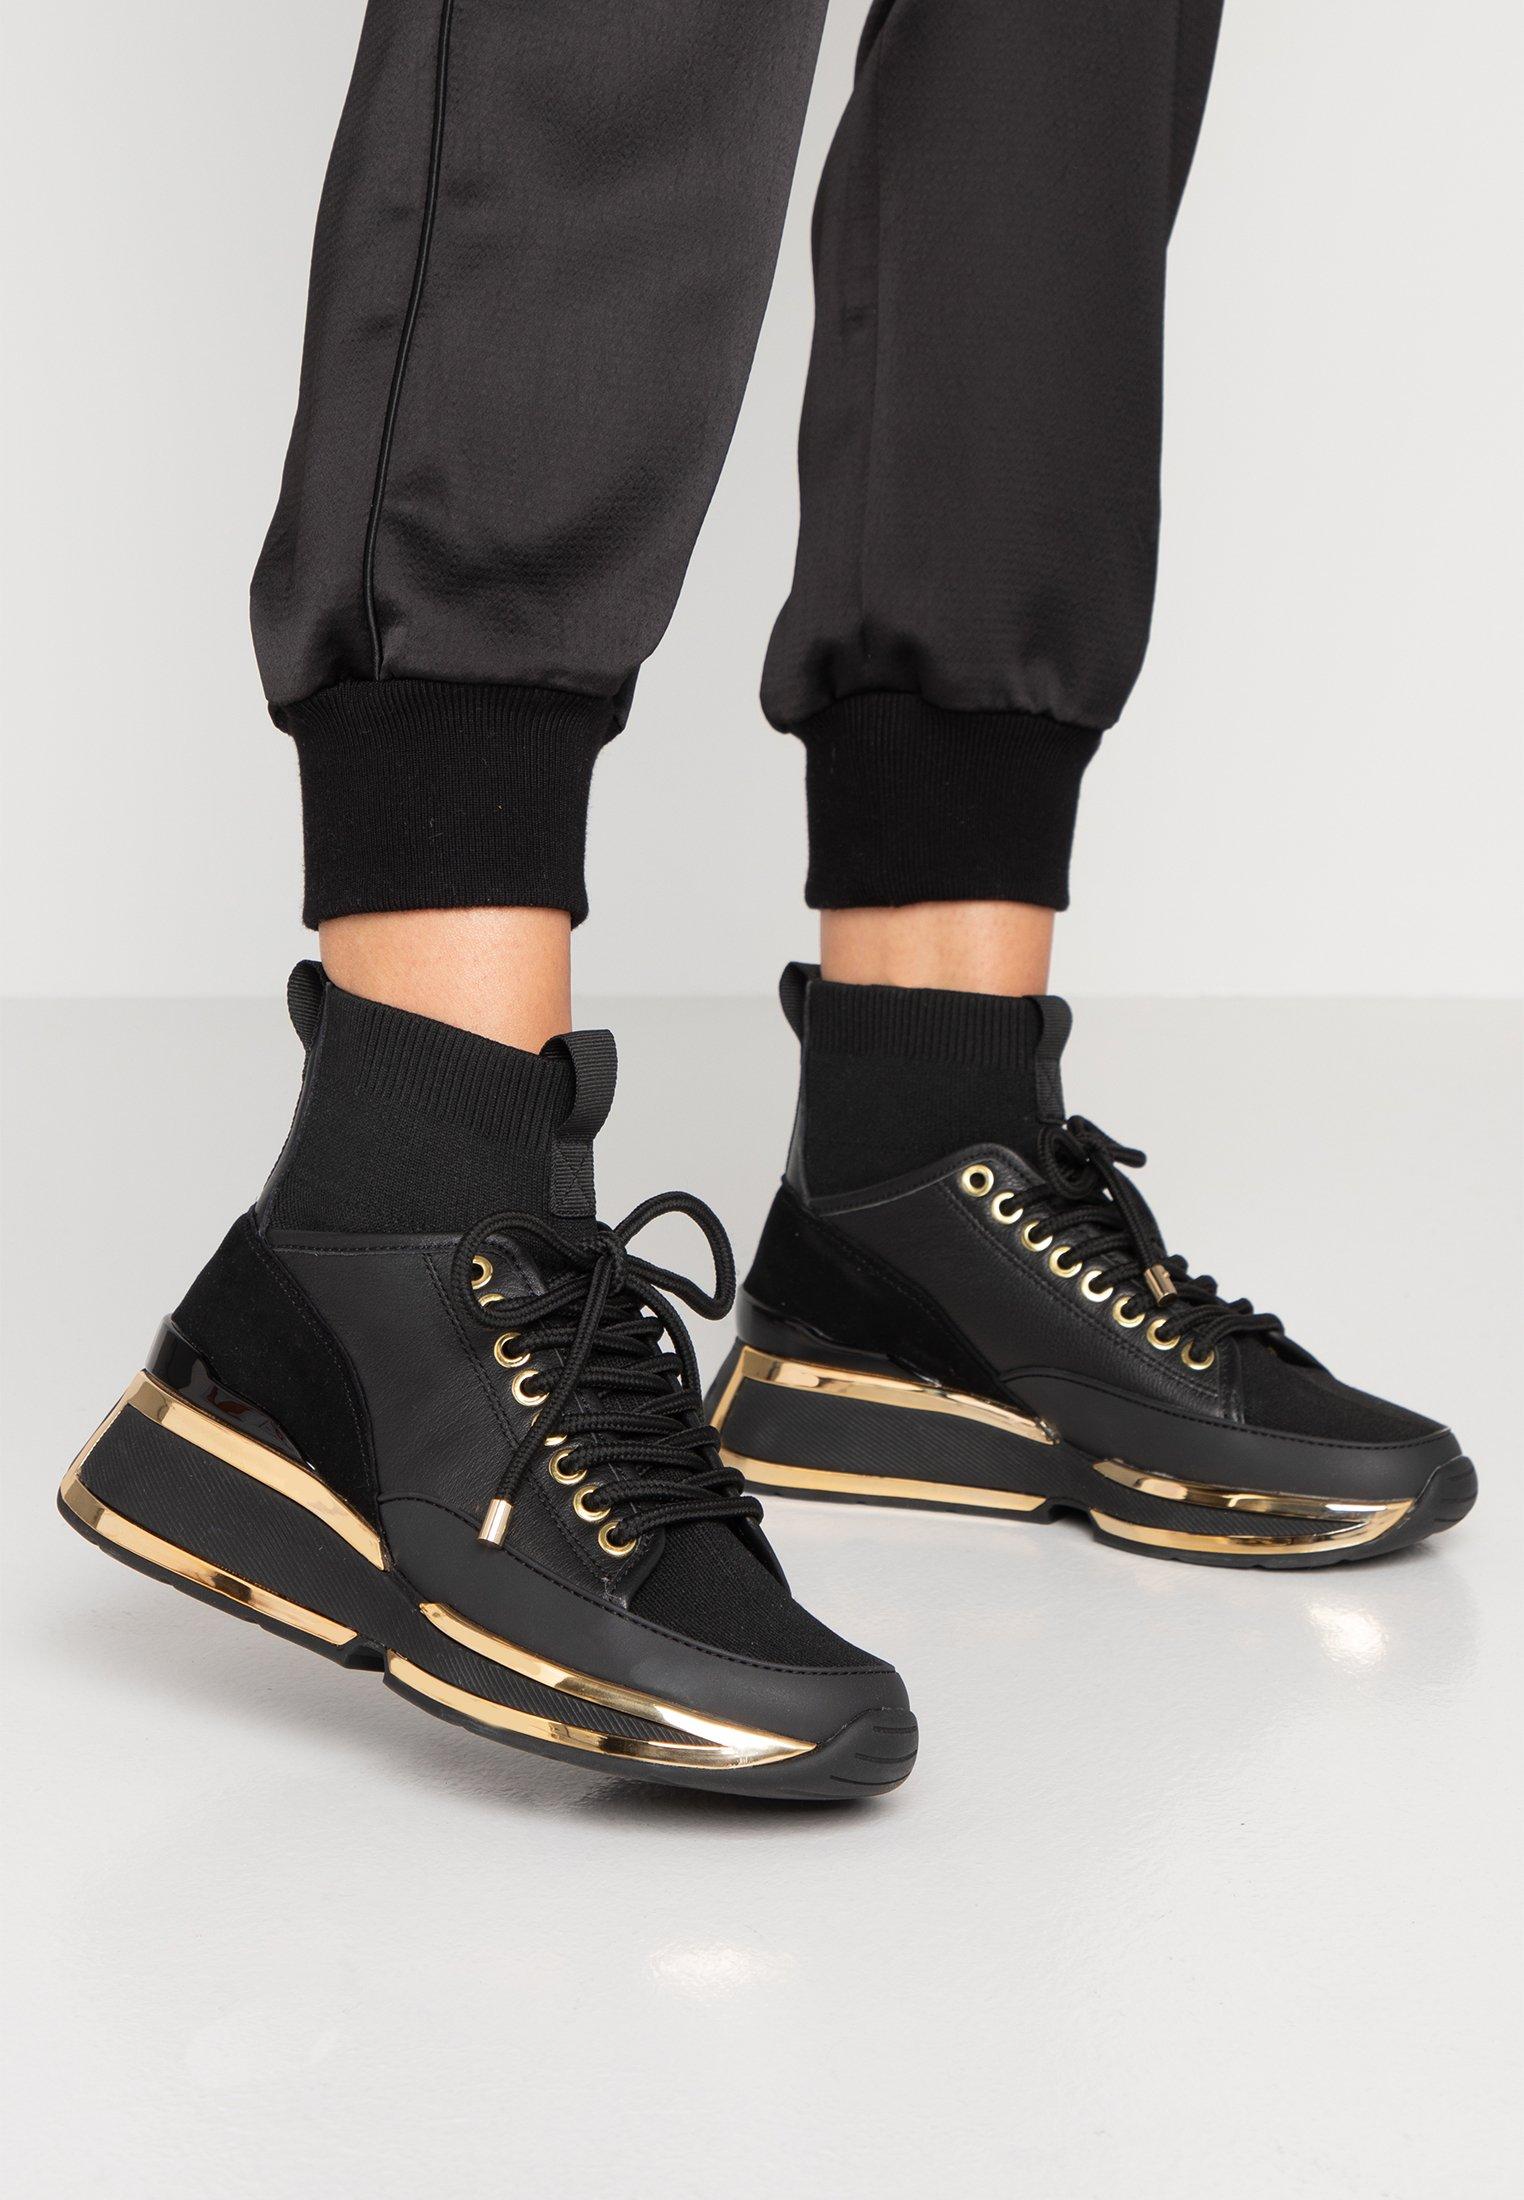 Kat Maconie RUTHIE - Sneakers alte black